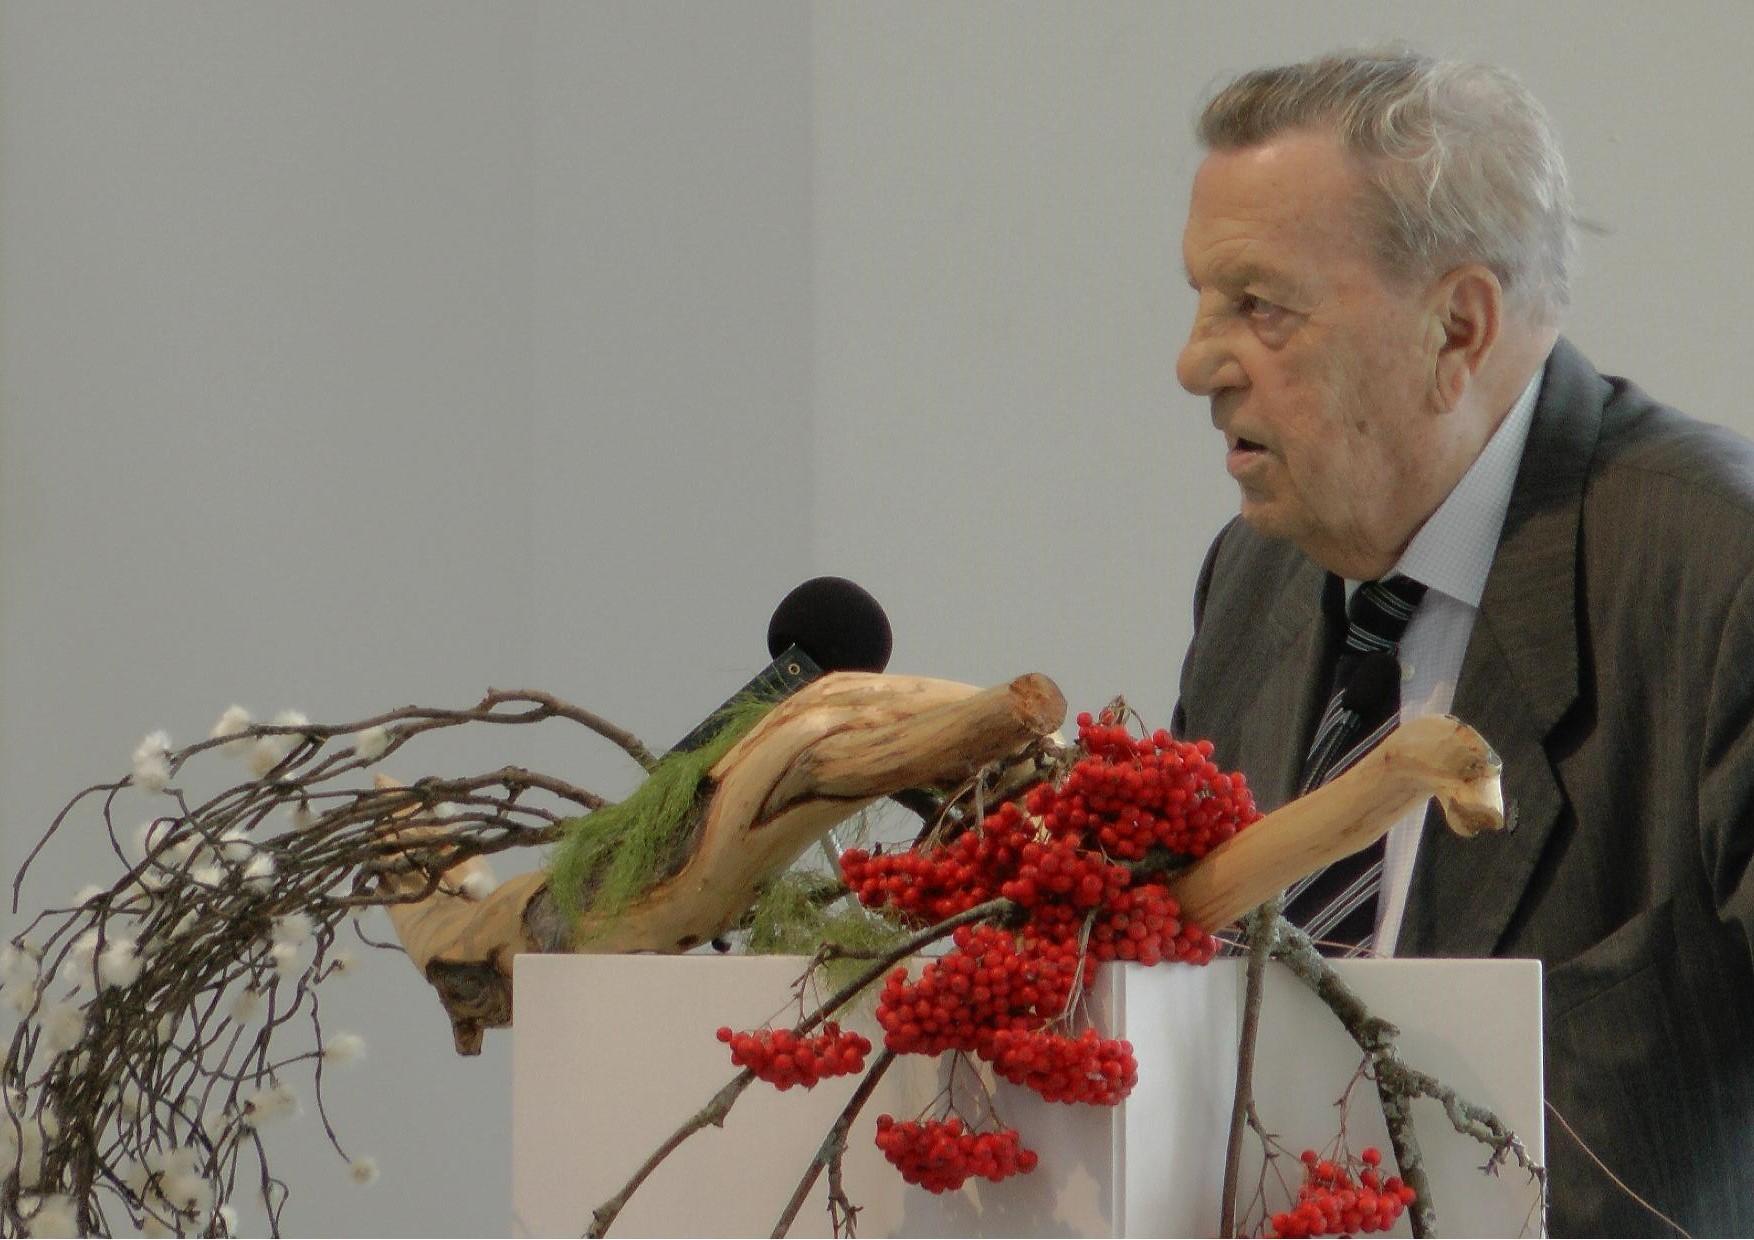 Ermei Kanninen Lieksan kirkossa 5.9.2014 Kansalaisjuhla 70 vuotta Jatkosodan päättymisestä. Veteraanit saapuivat juhlaan höyryjunalla.